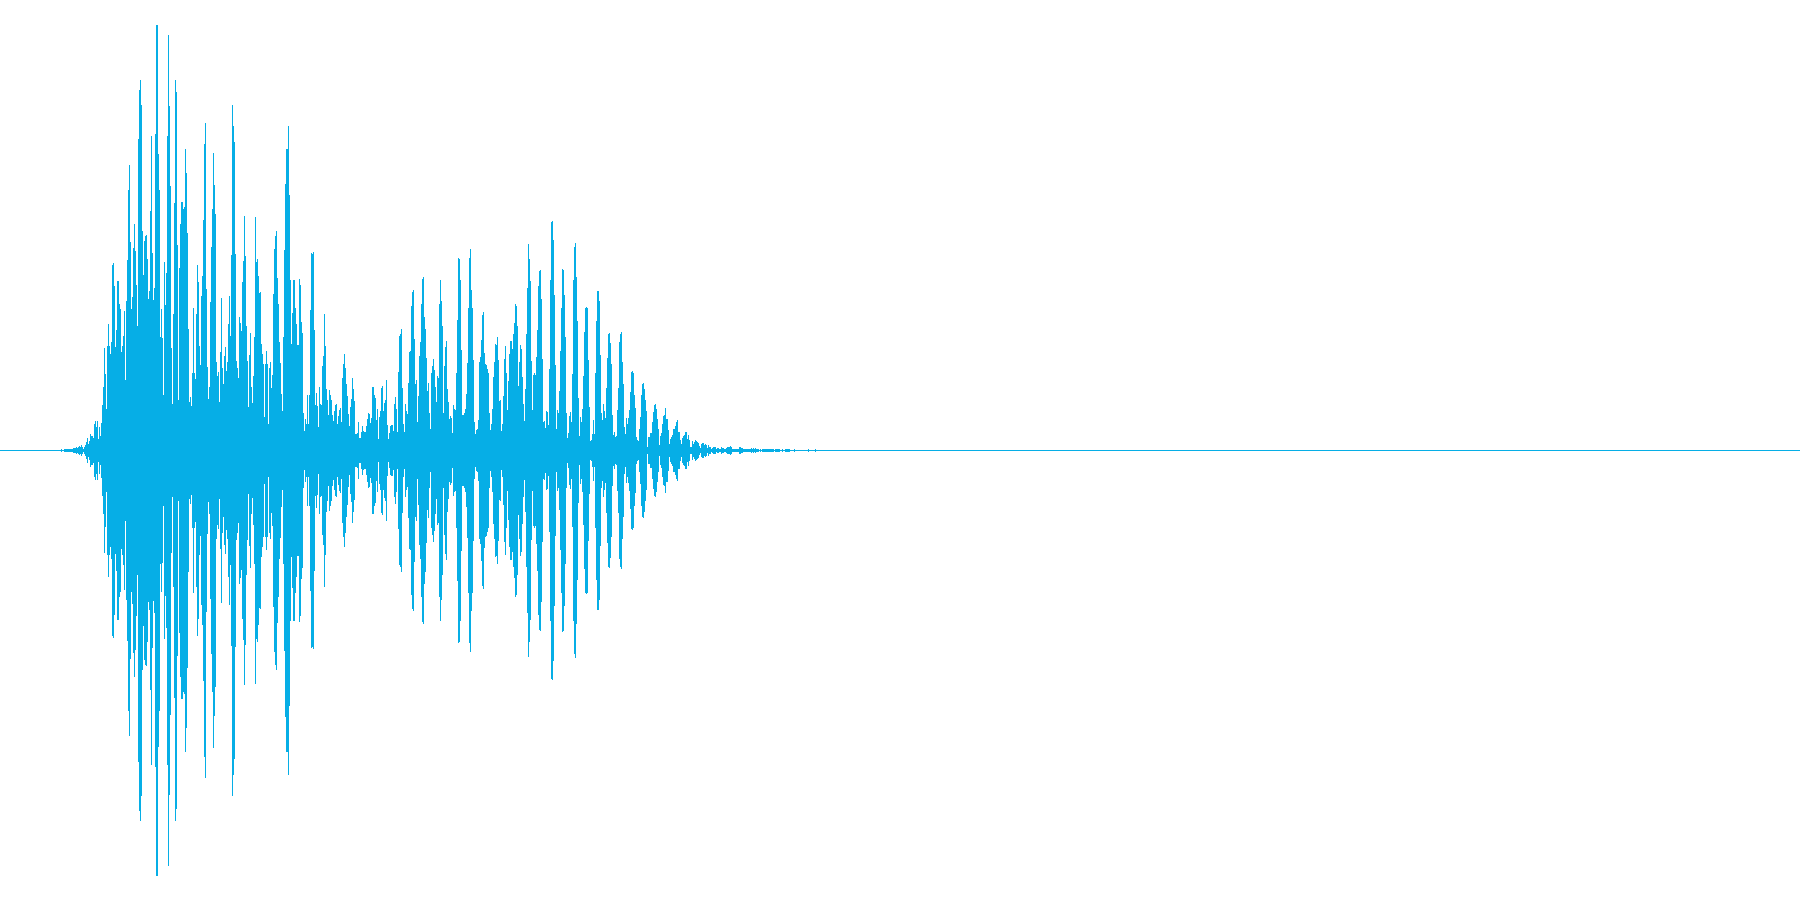 ゲーム掛け声ゾンビ1オオ?1の再生済みの波形